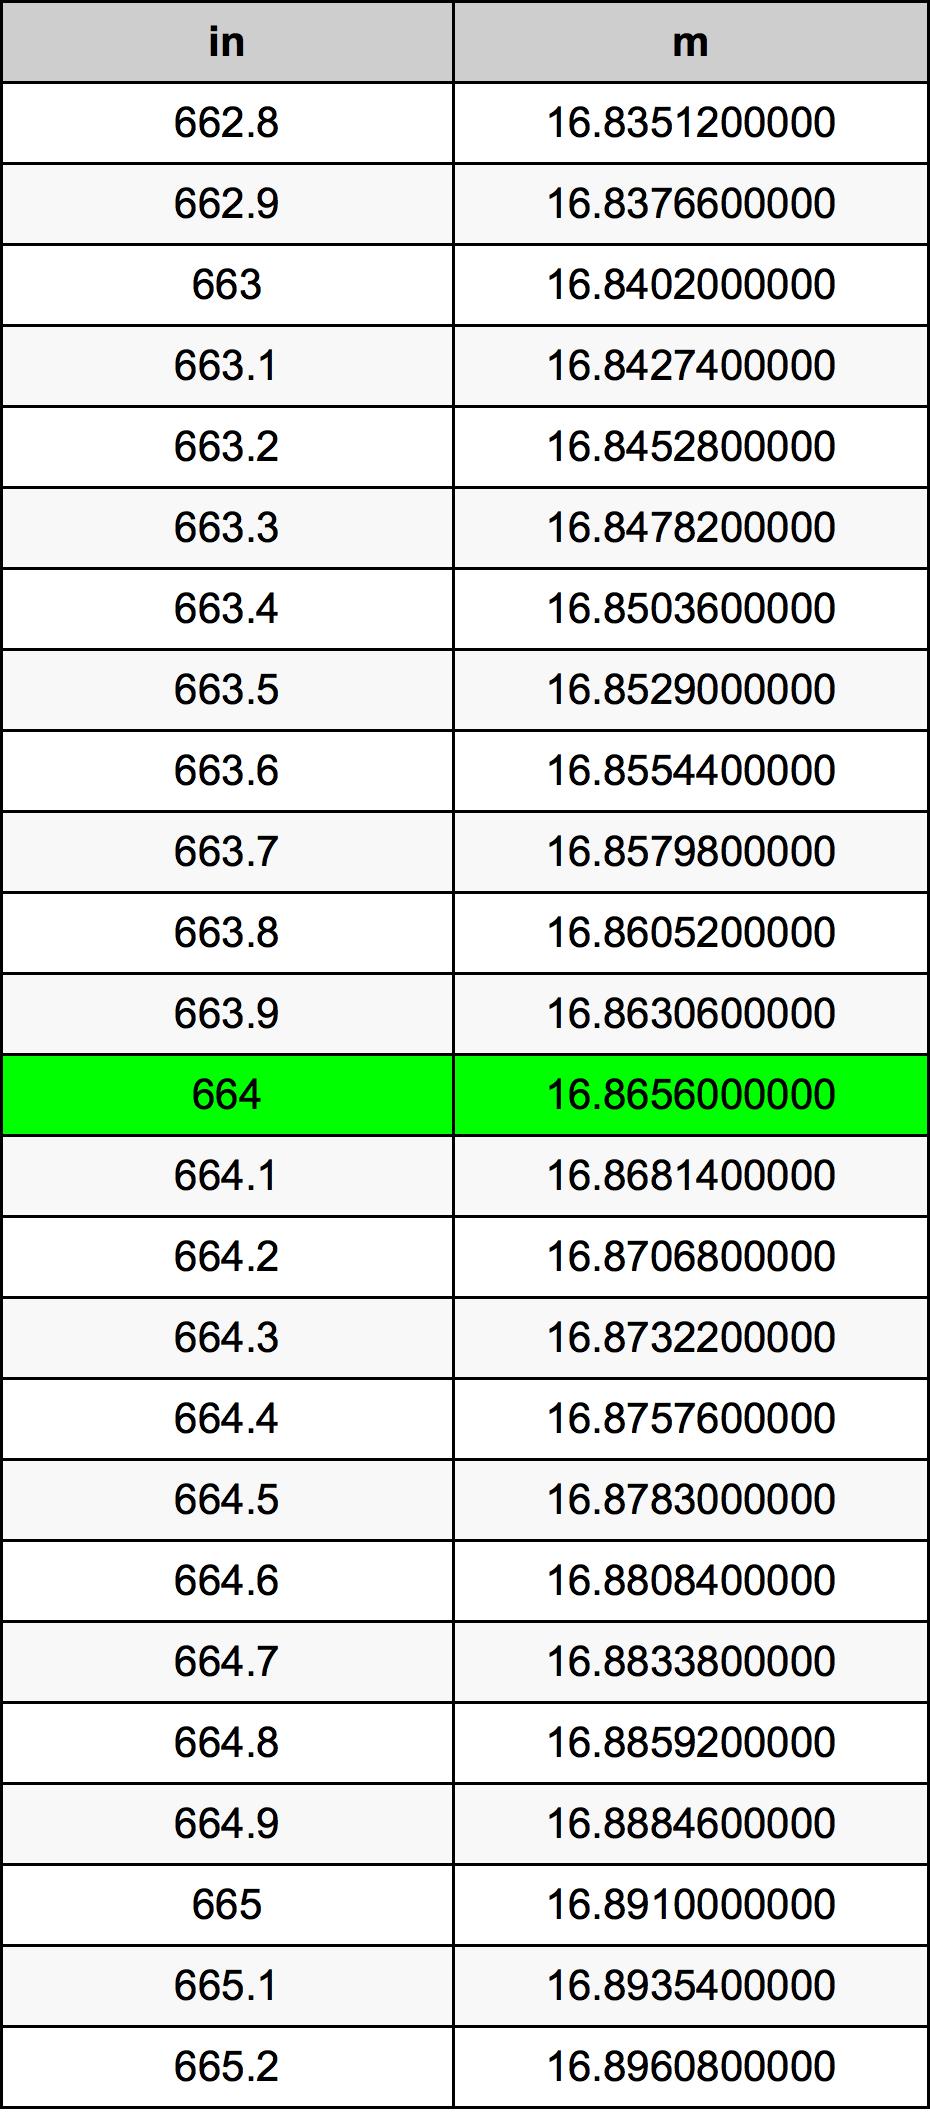 664 Țol tabelul de conversie